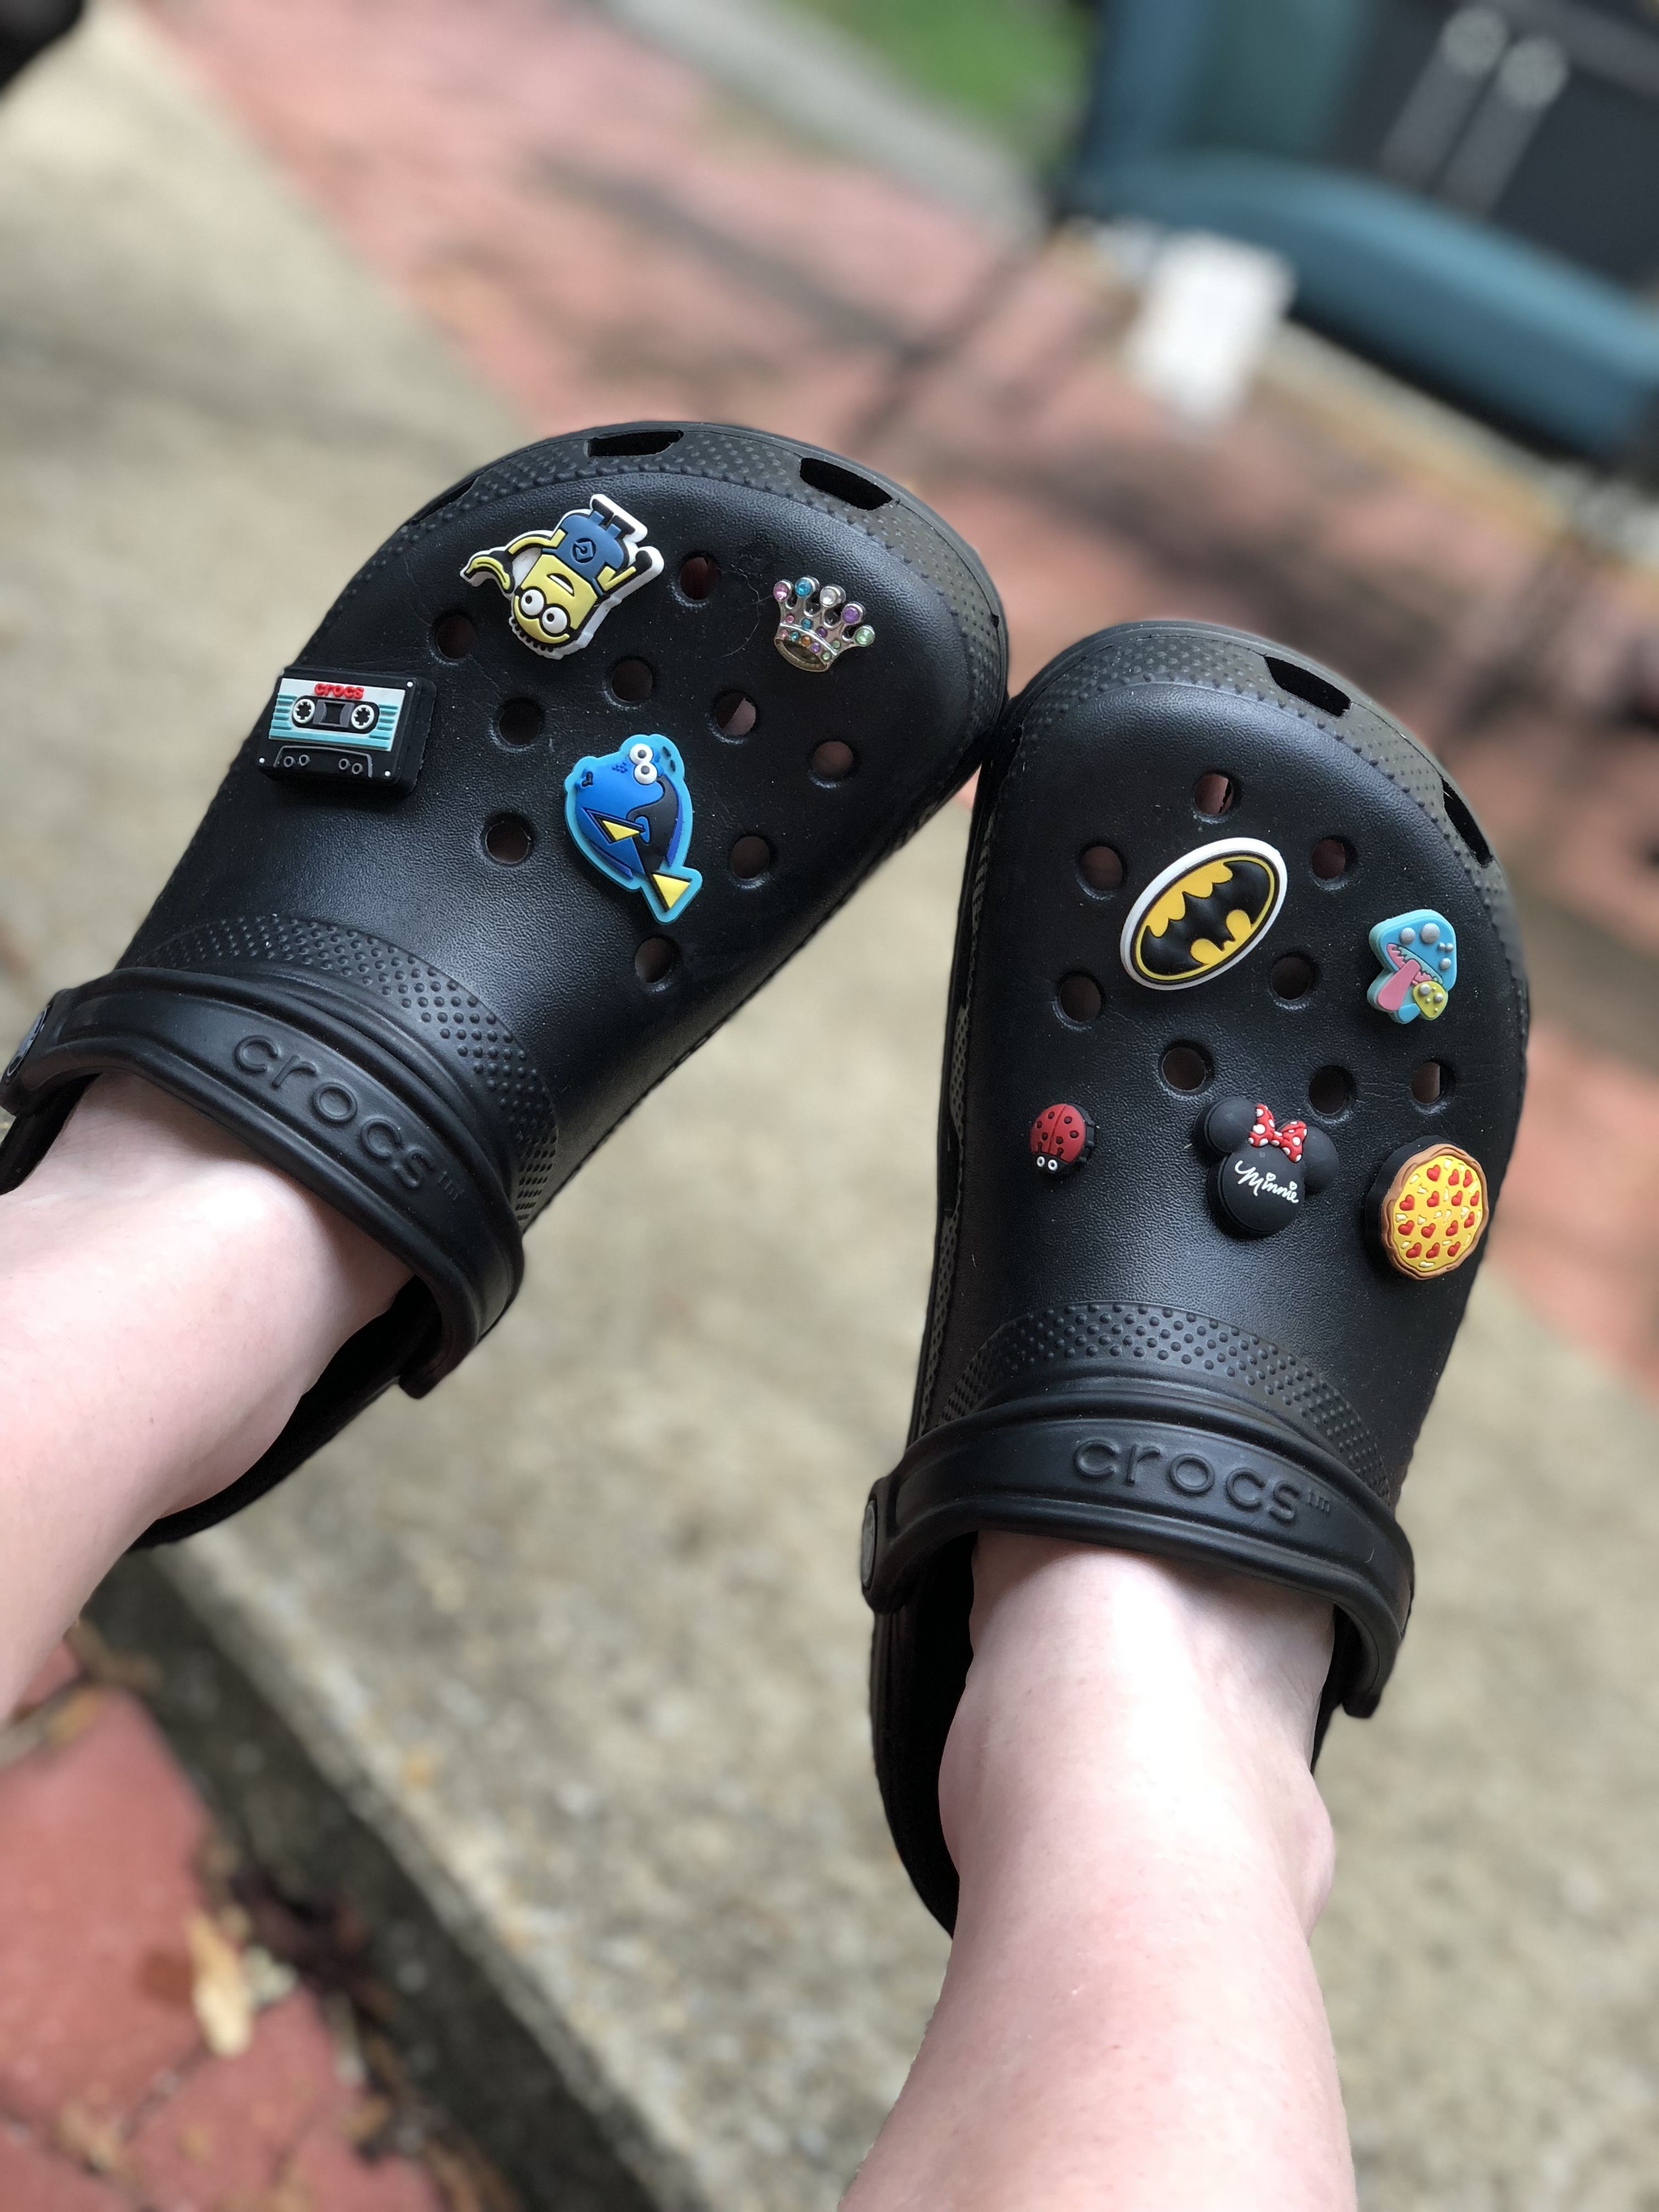 Yellow crocs, Crocs shoes